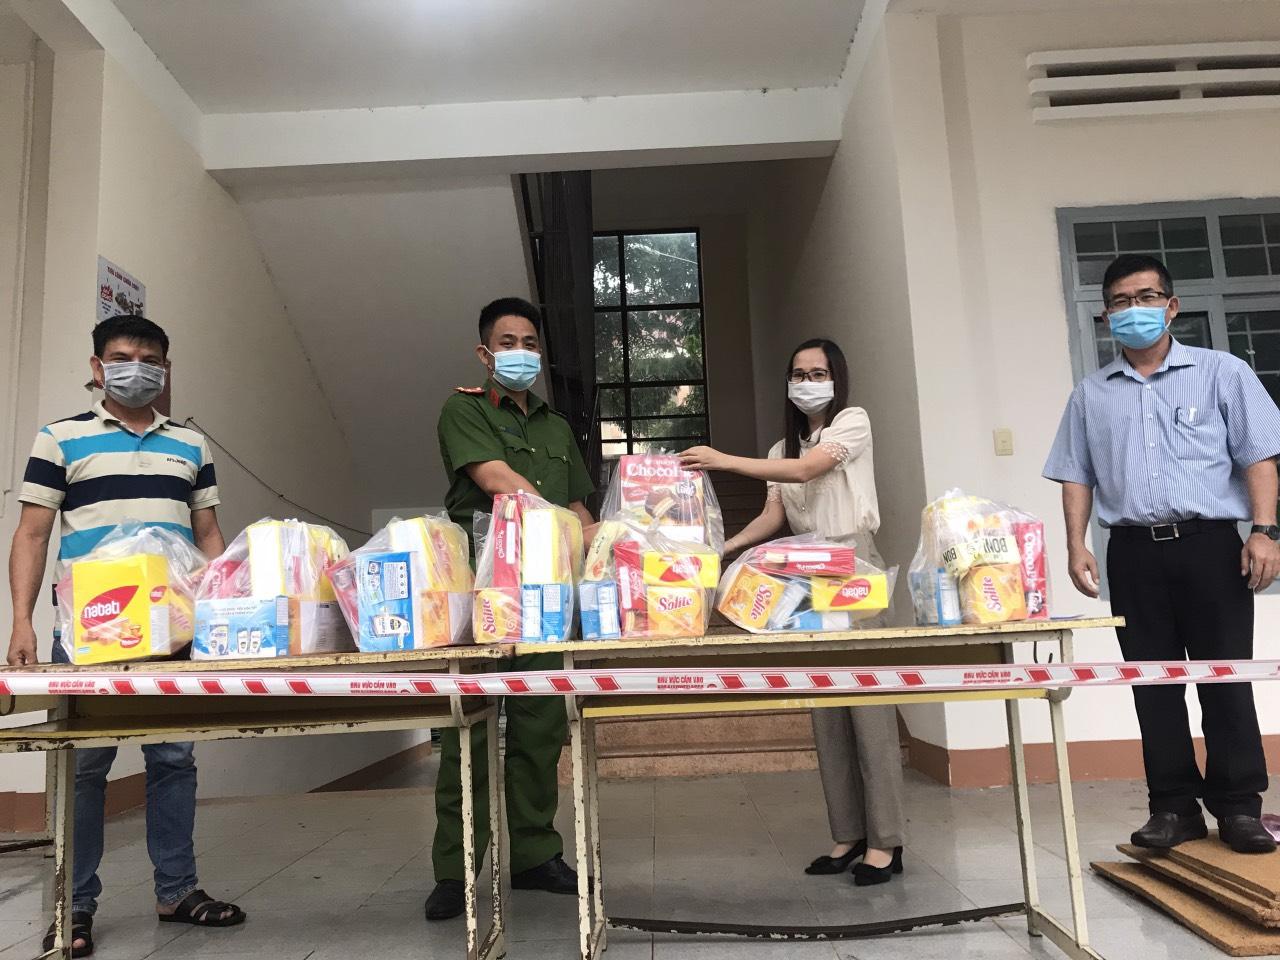 Qũy Bảo trợ Trẻ em tỉnh tặng quà cho trẻ em đang thực hiện cách ly và trẻ em bị nhiễm Covid-19